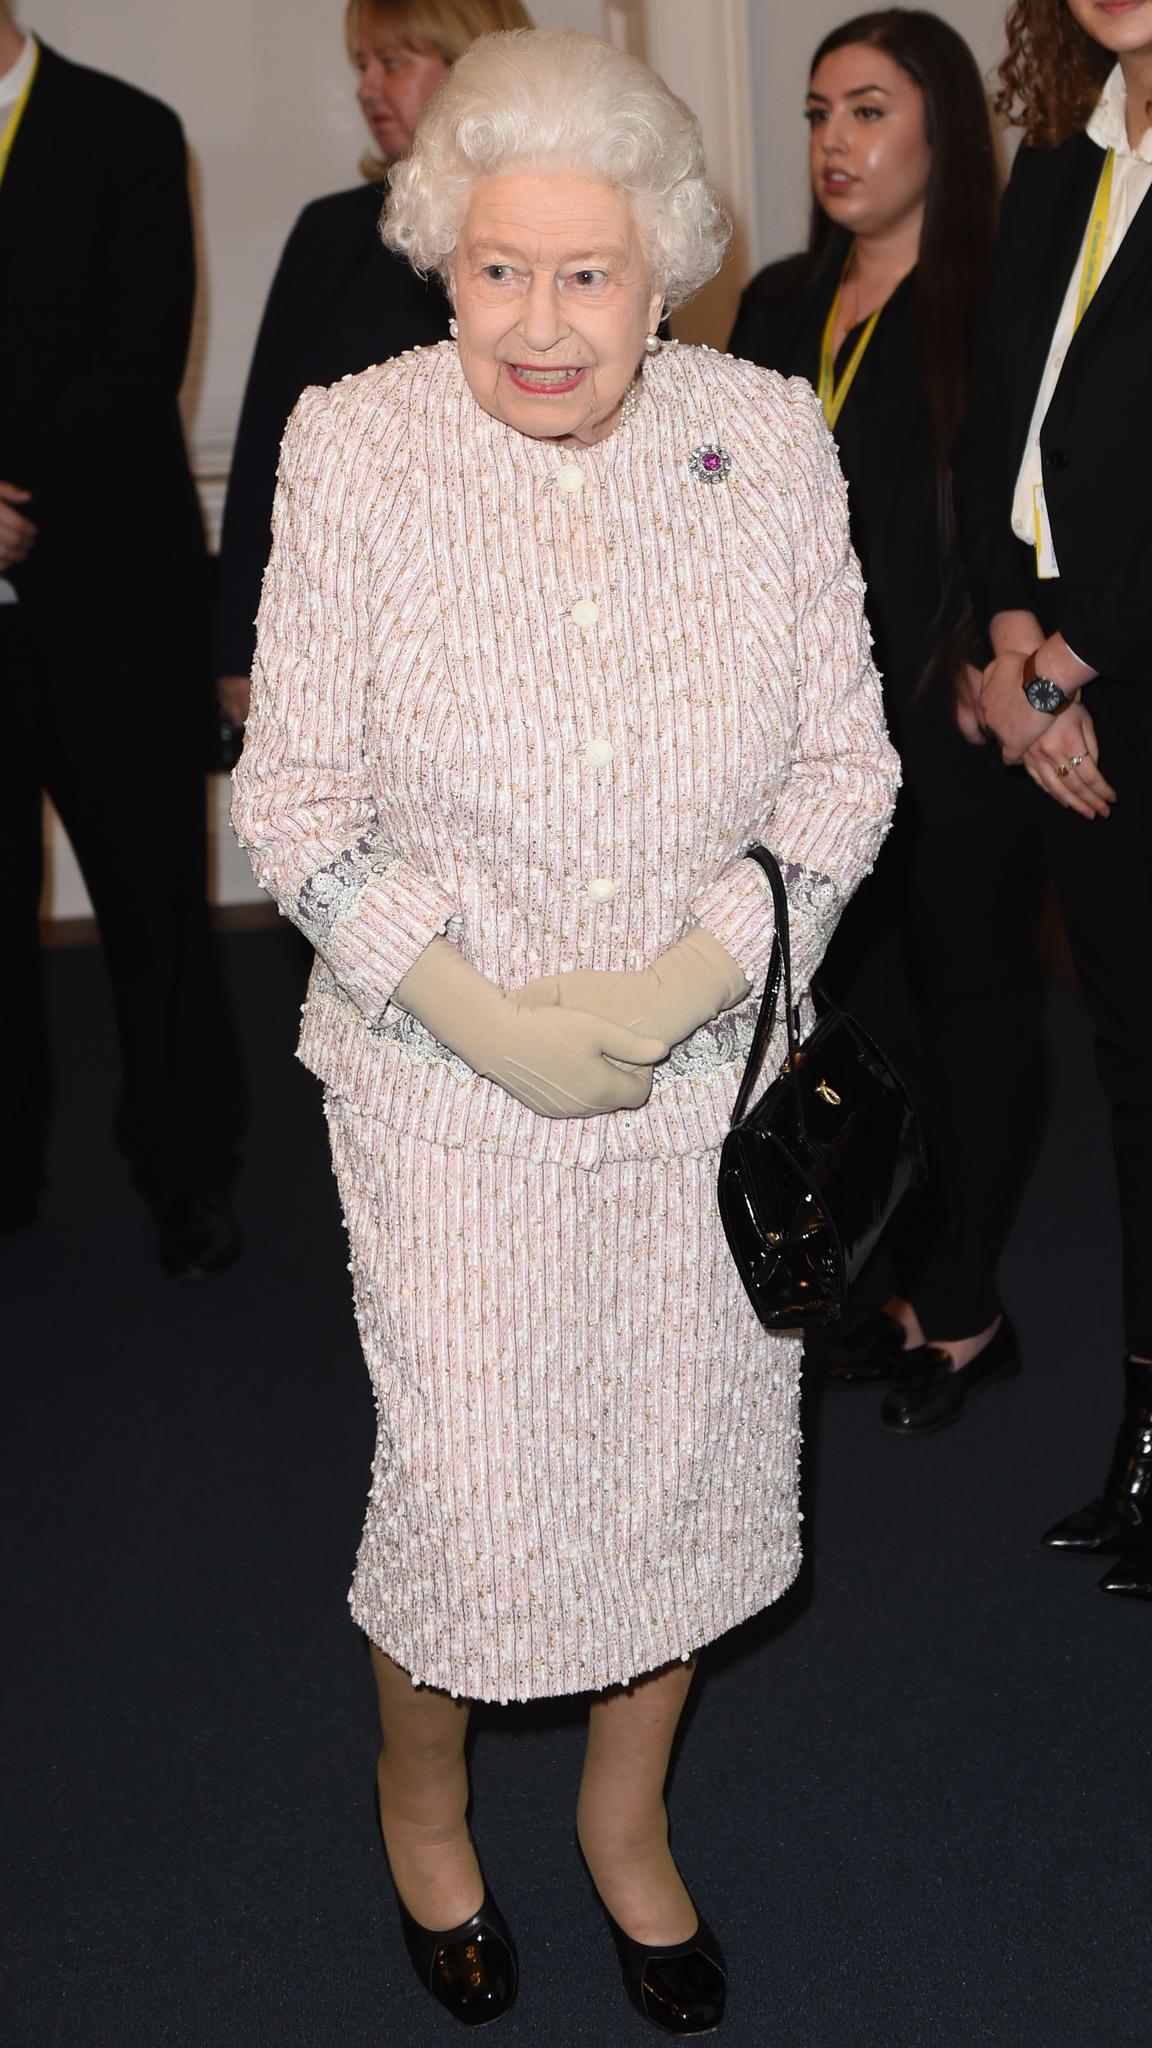 Queen Elizabeth bei ihrem ersten Auftritt nach der Rückzugs-Ankündigung von Prinz Andrew